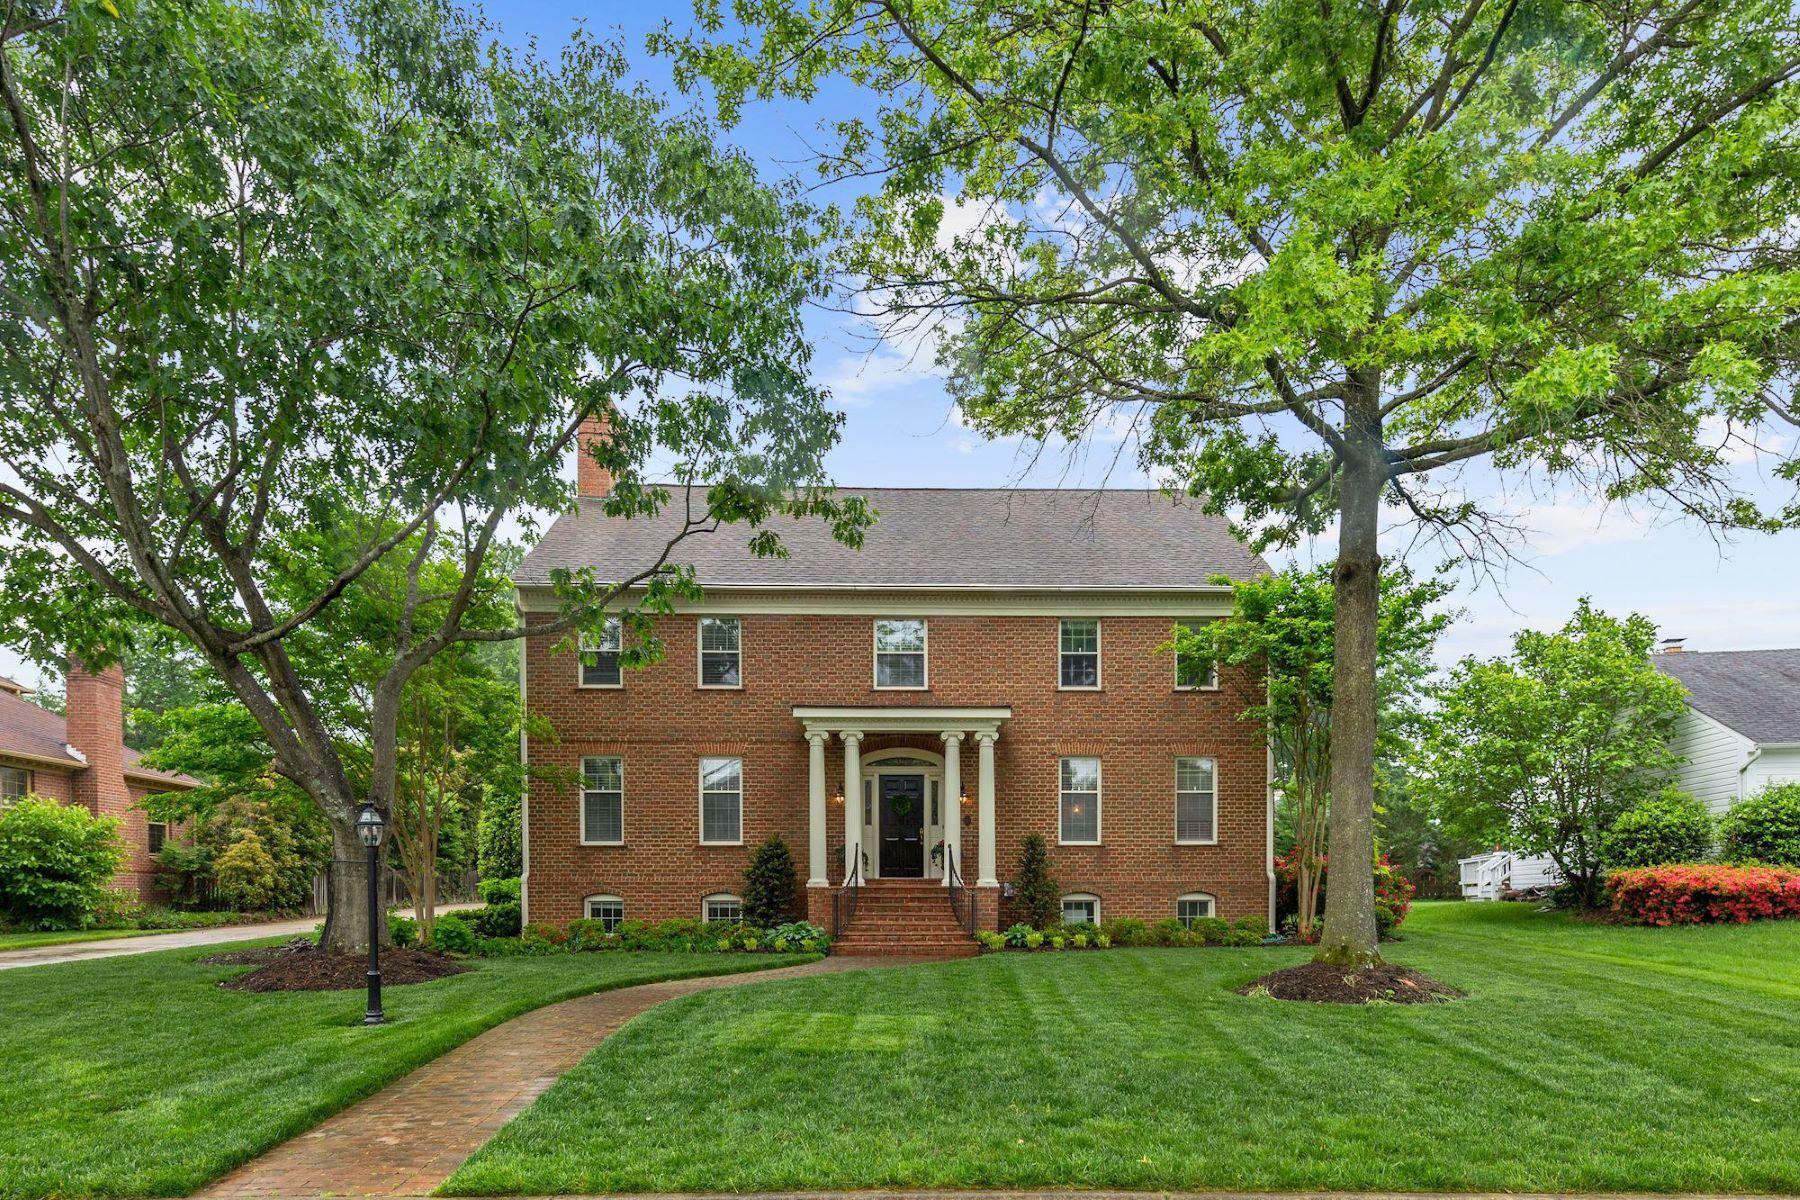 Single Family Home for Sale at 9404 Mount Vernon Cir 9404 Mount Vernon Cir Alexandria, Virginia 22309 United States